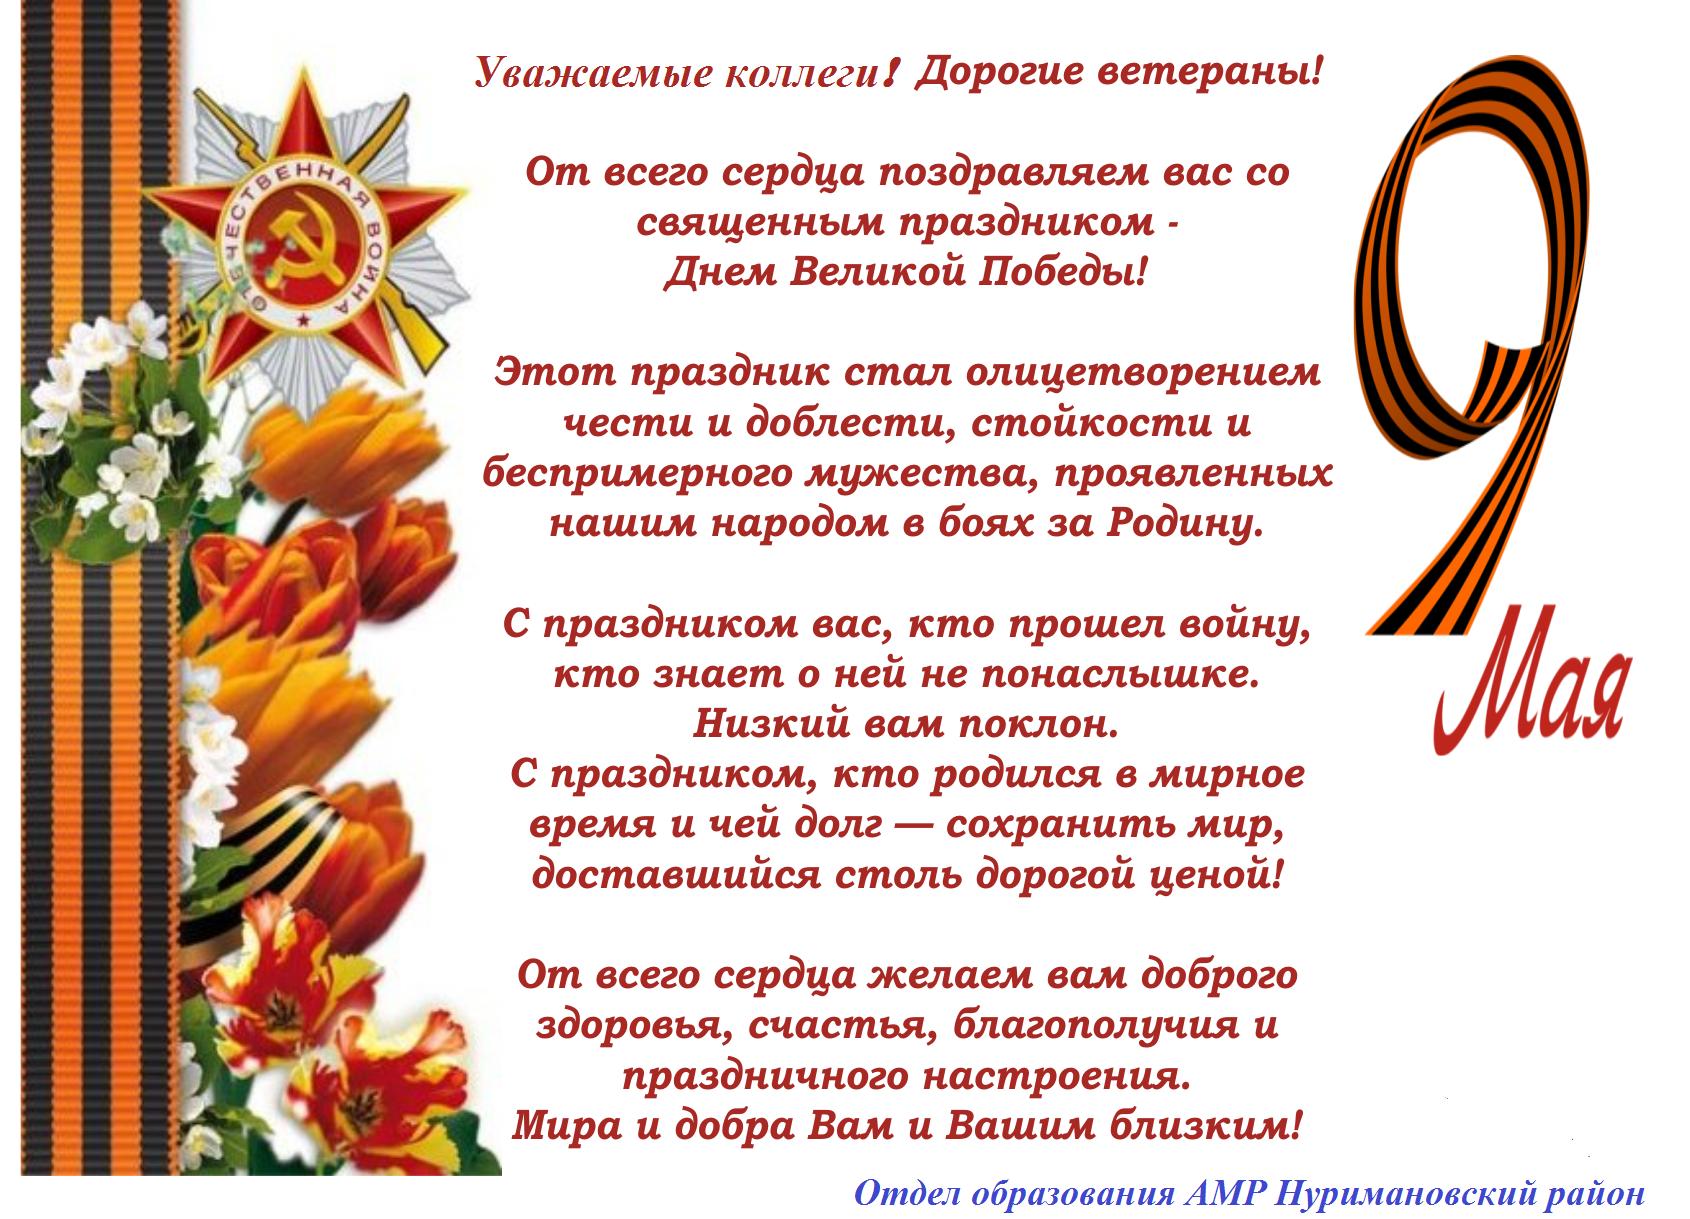 Открытка с днем победы 9 мая с поздравлением